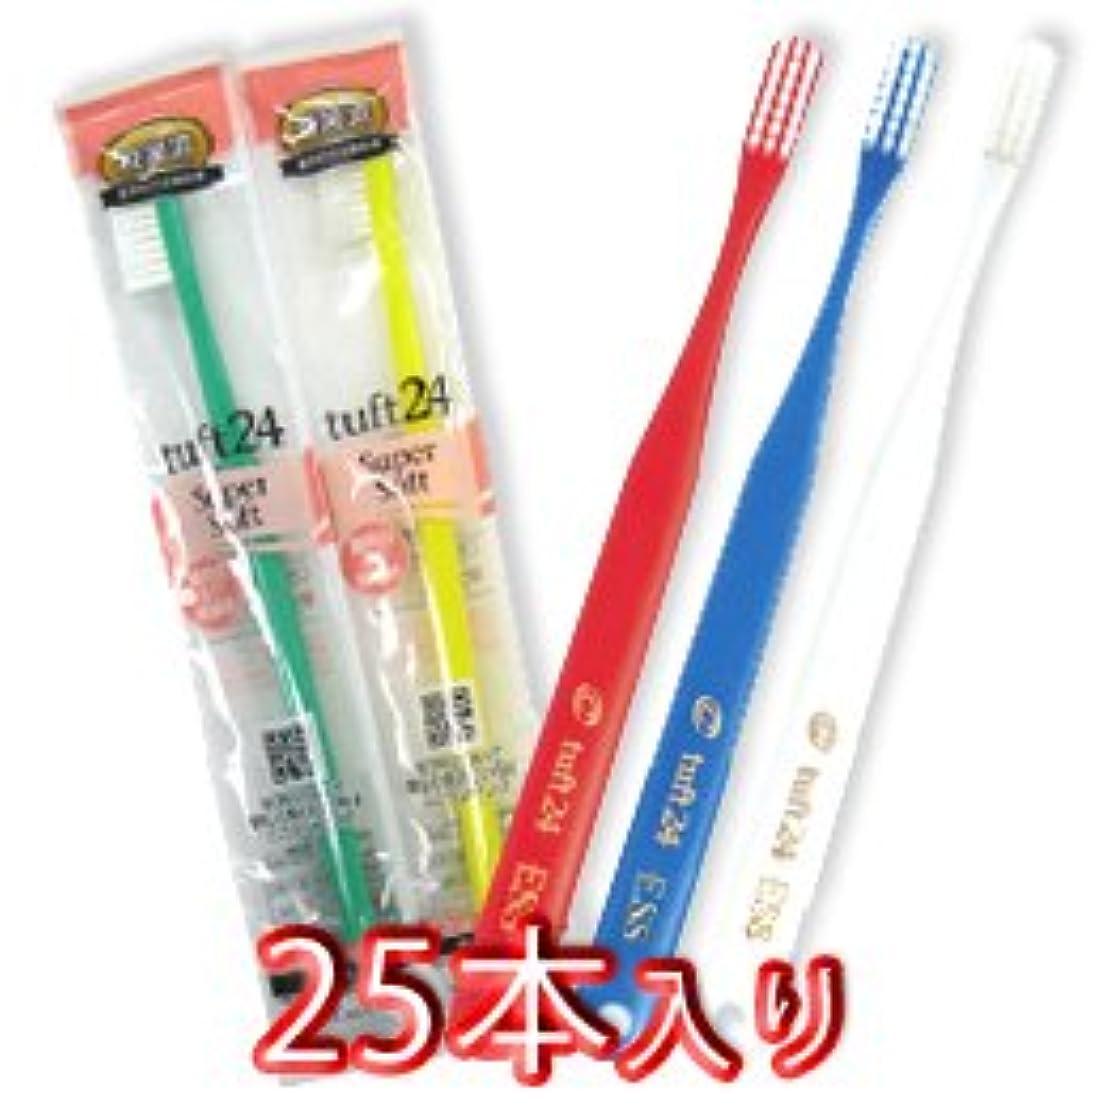 キャップ付き タフト 24 歯ブラシ スーパーソフト 25本 (アソート)